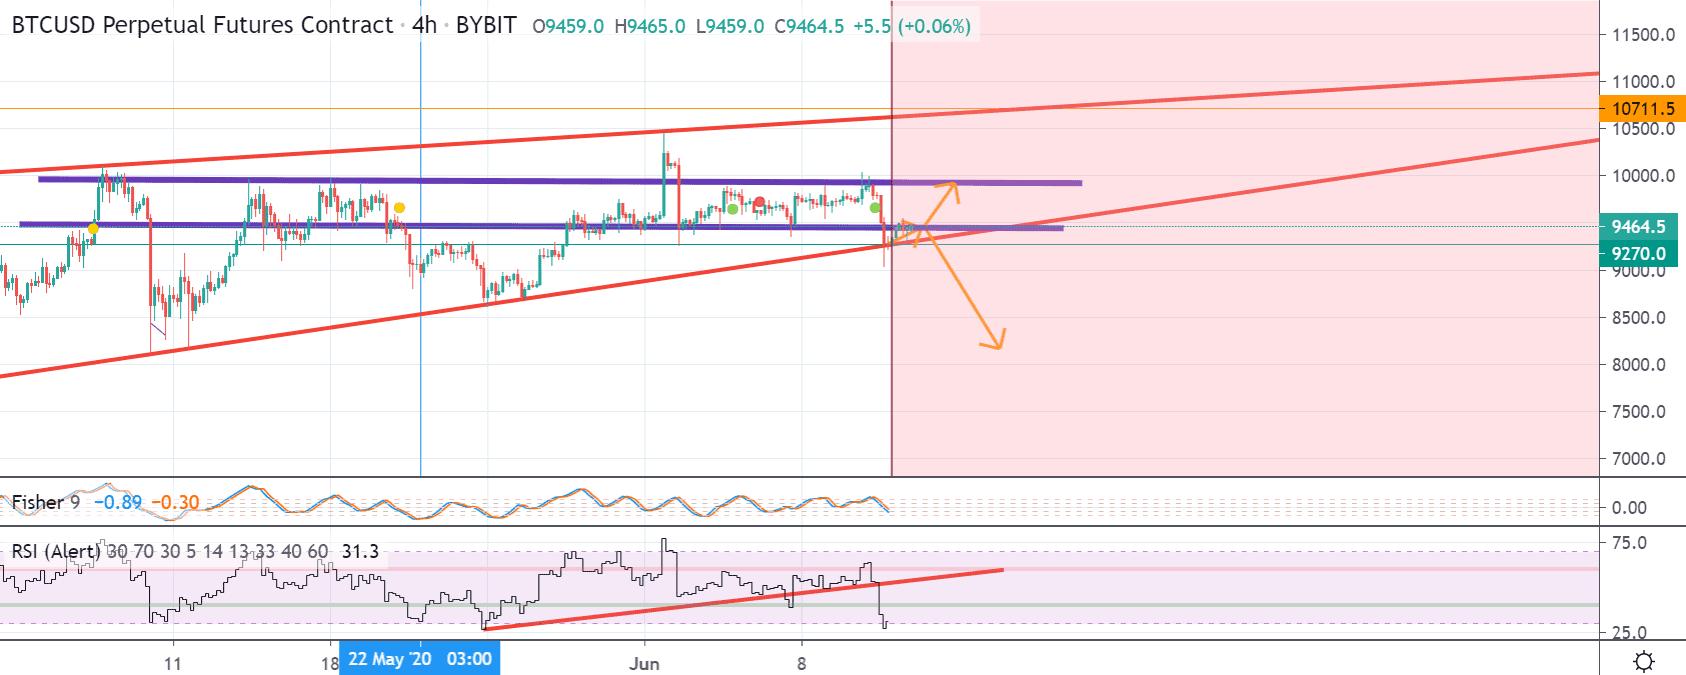 Bitcoin price chart 3 - Jun12